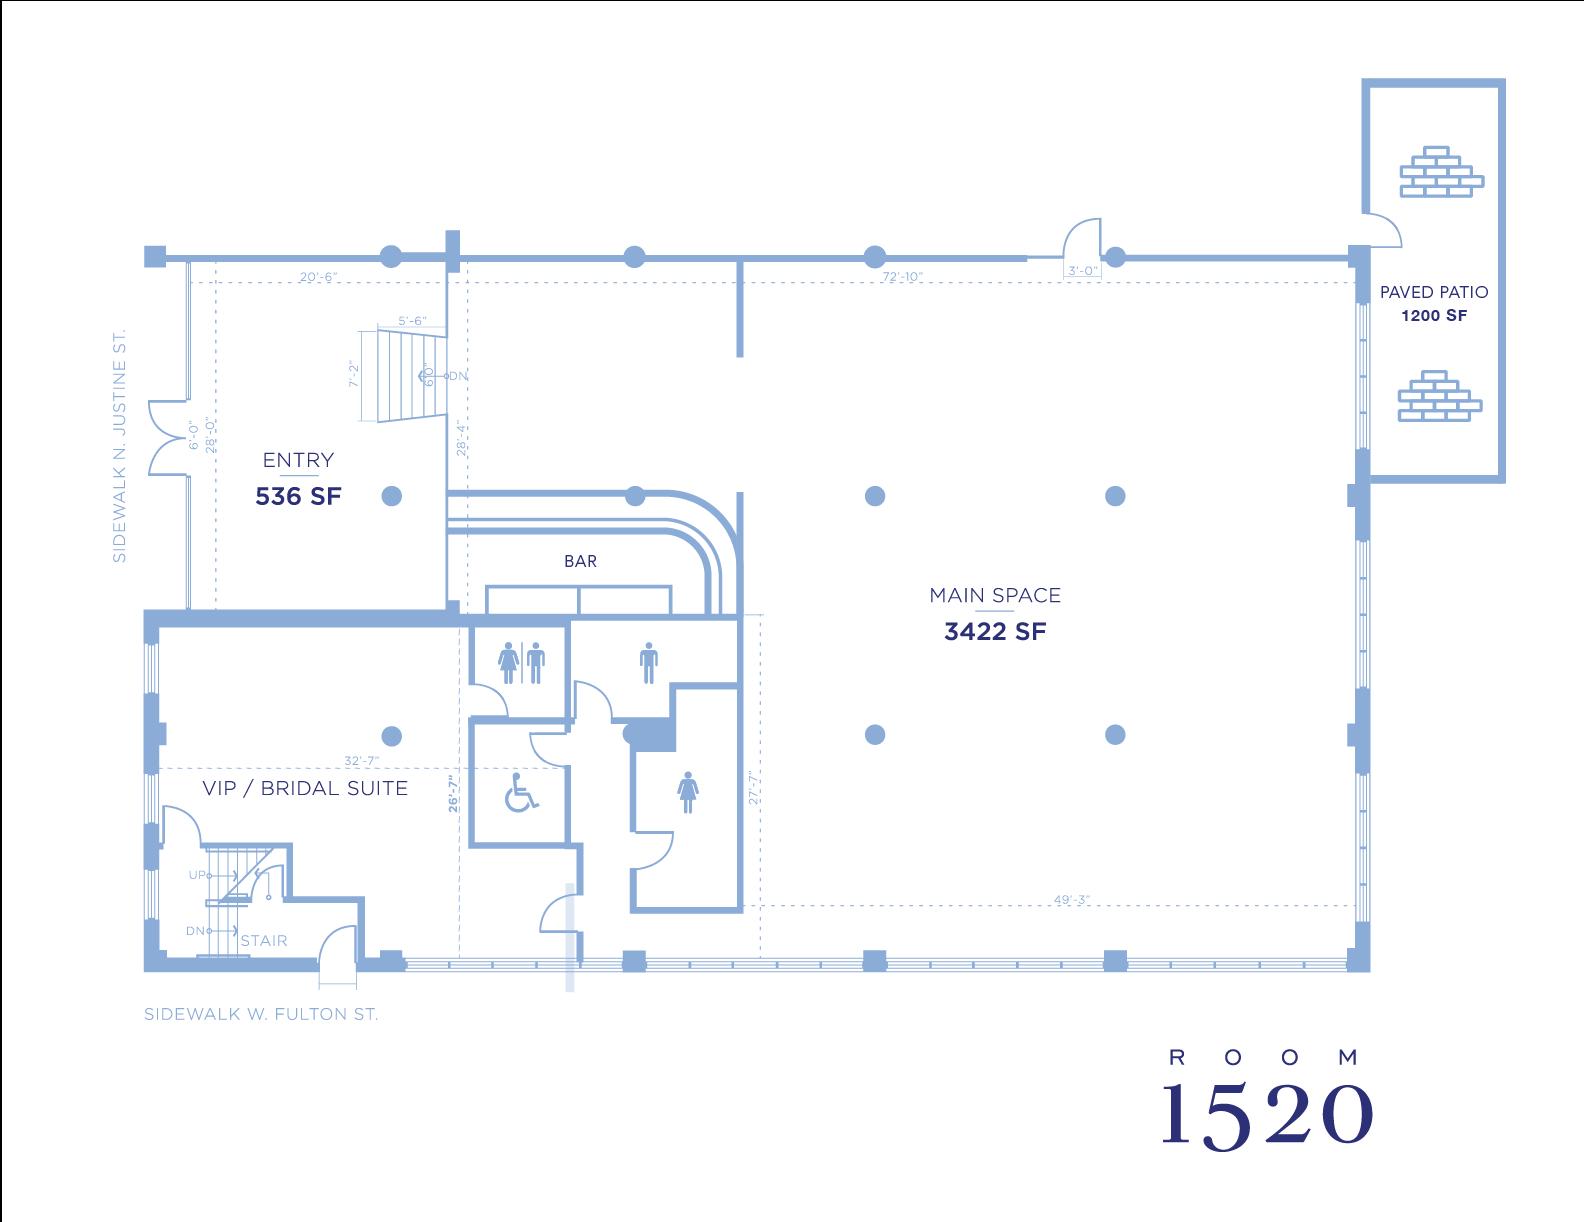 Room-1520-Floorplan.png